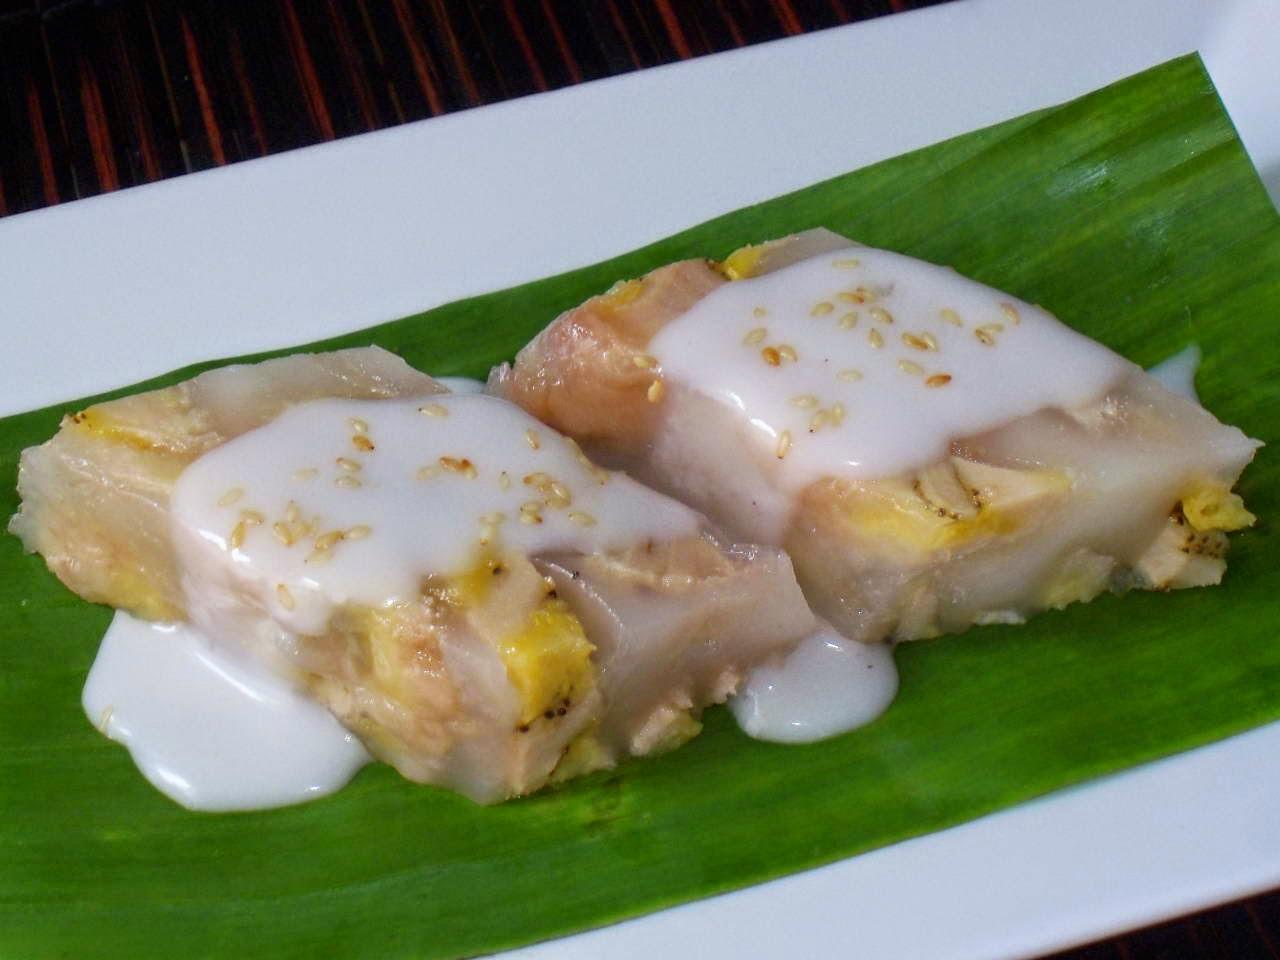 Vietnamese Food Culture - Bánh Chuối Nước Cốt Dừa